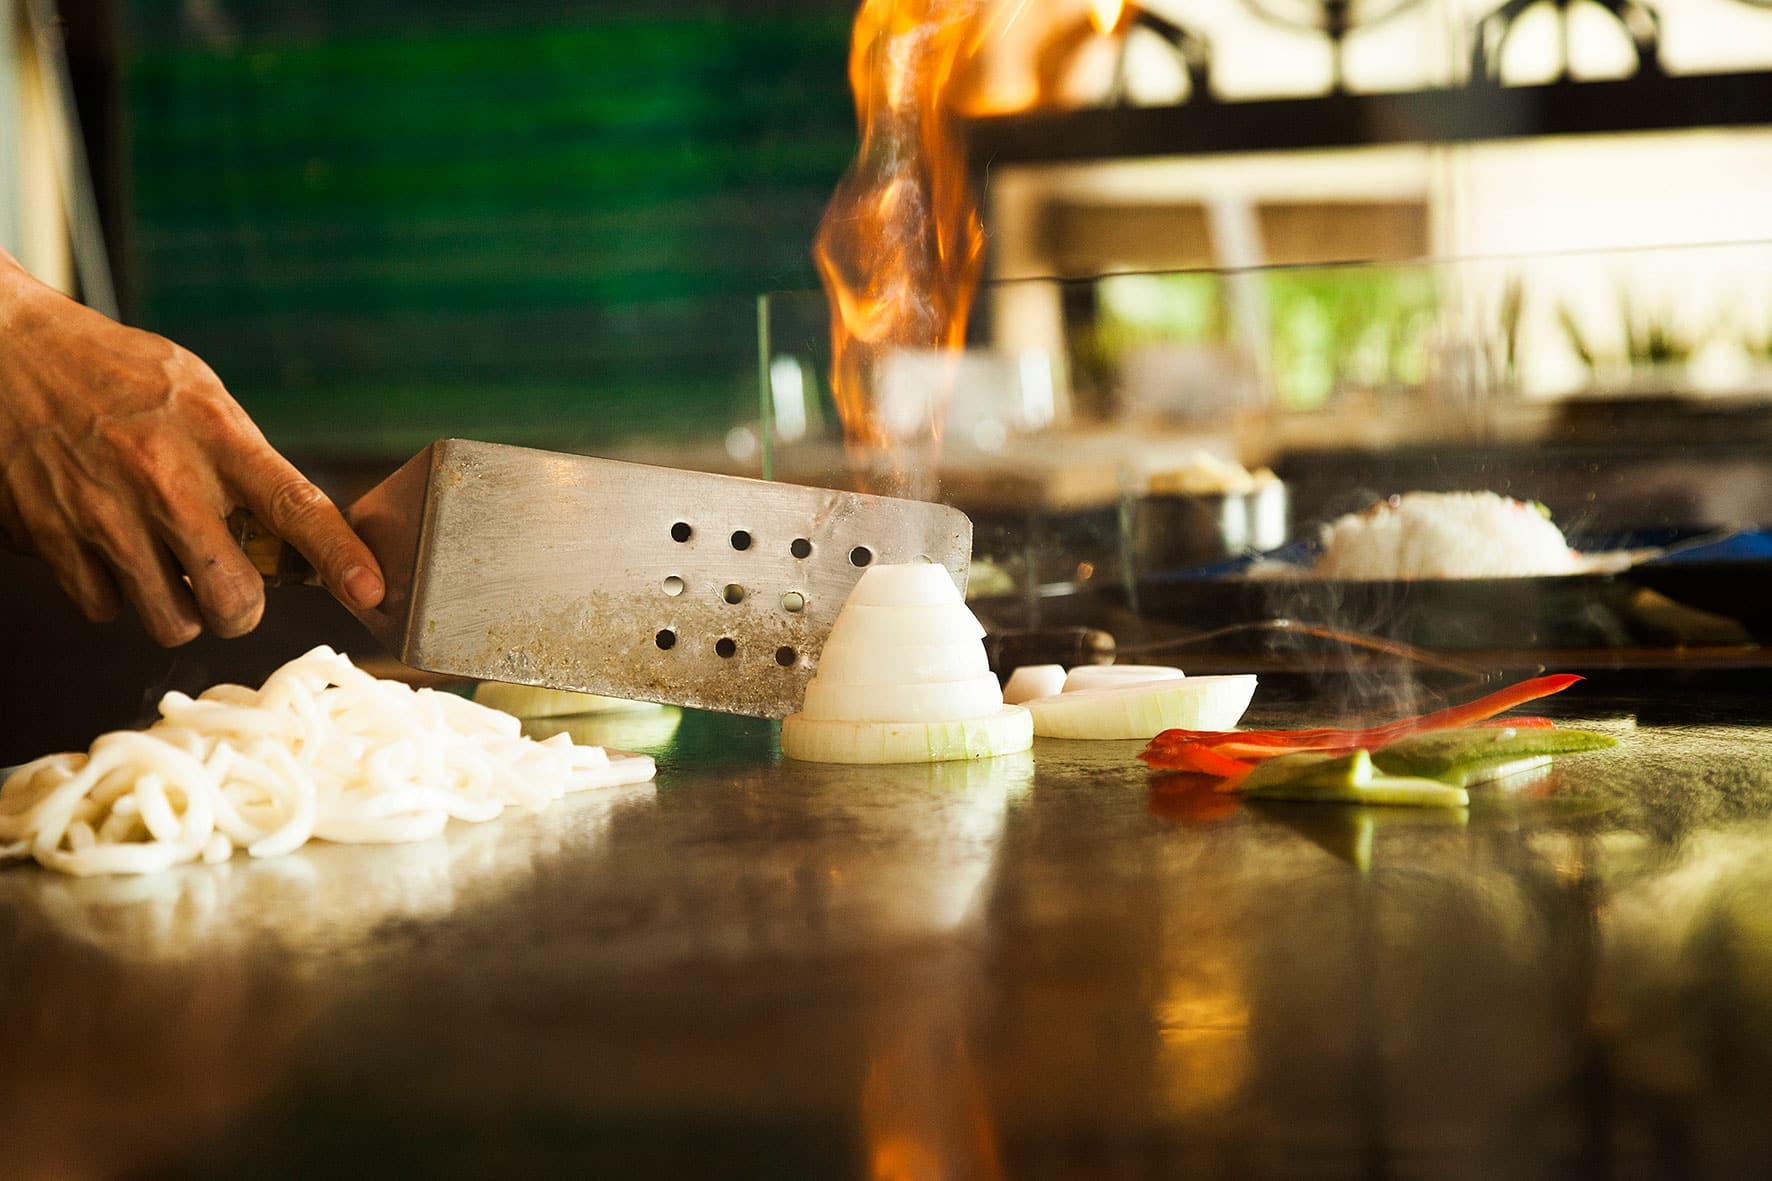 Preparing teppanyaki